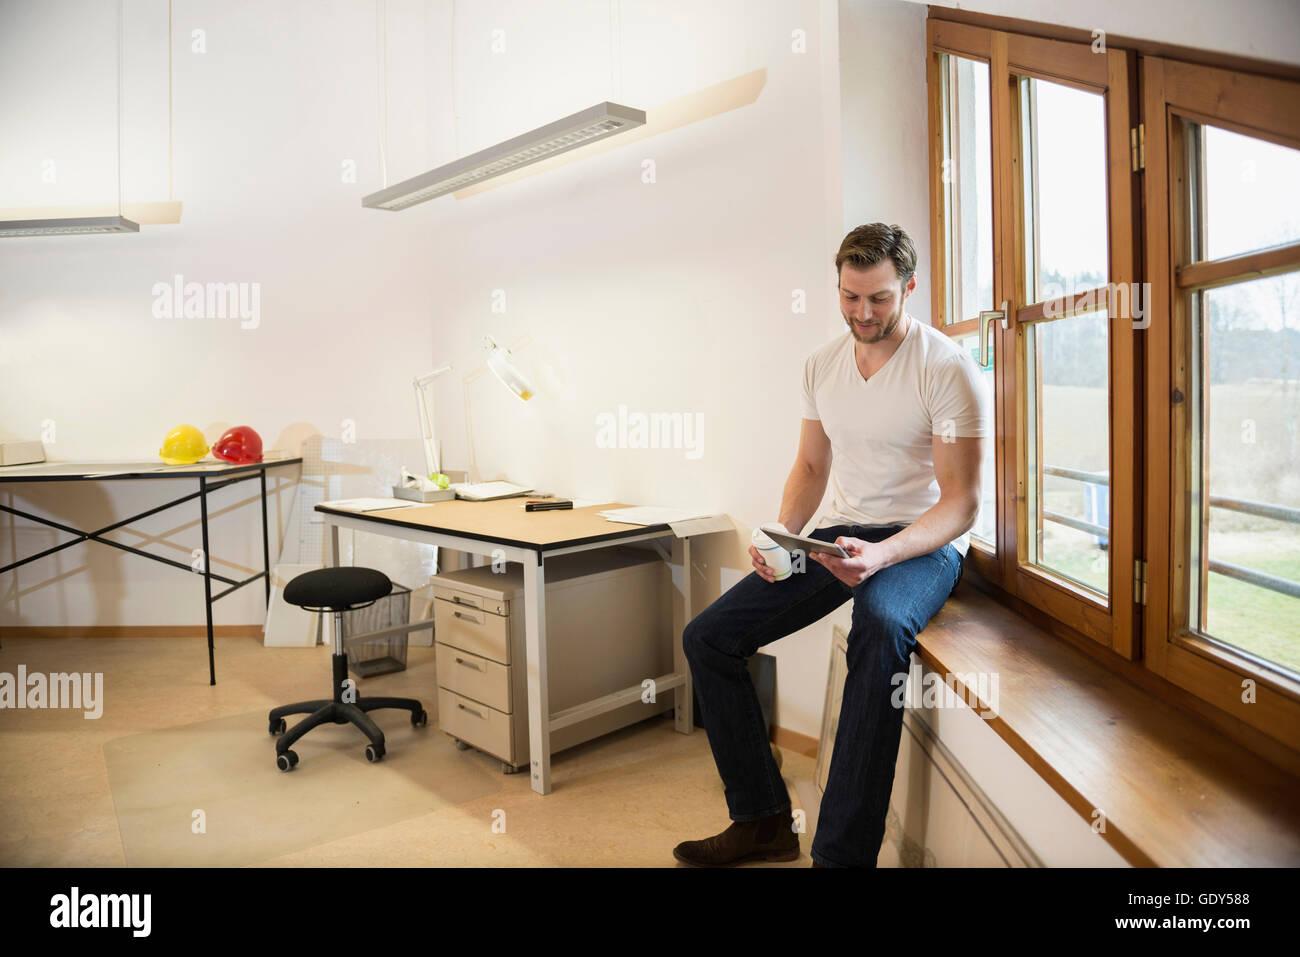 Architekt Auf Der Fensterbank Sitzen Und Arbeiten An Digital